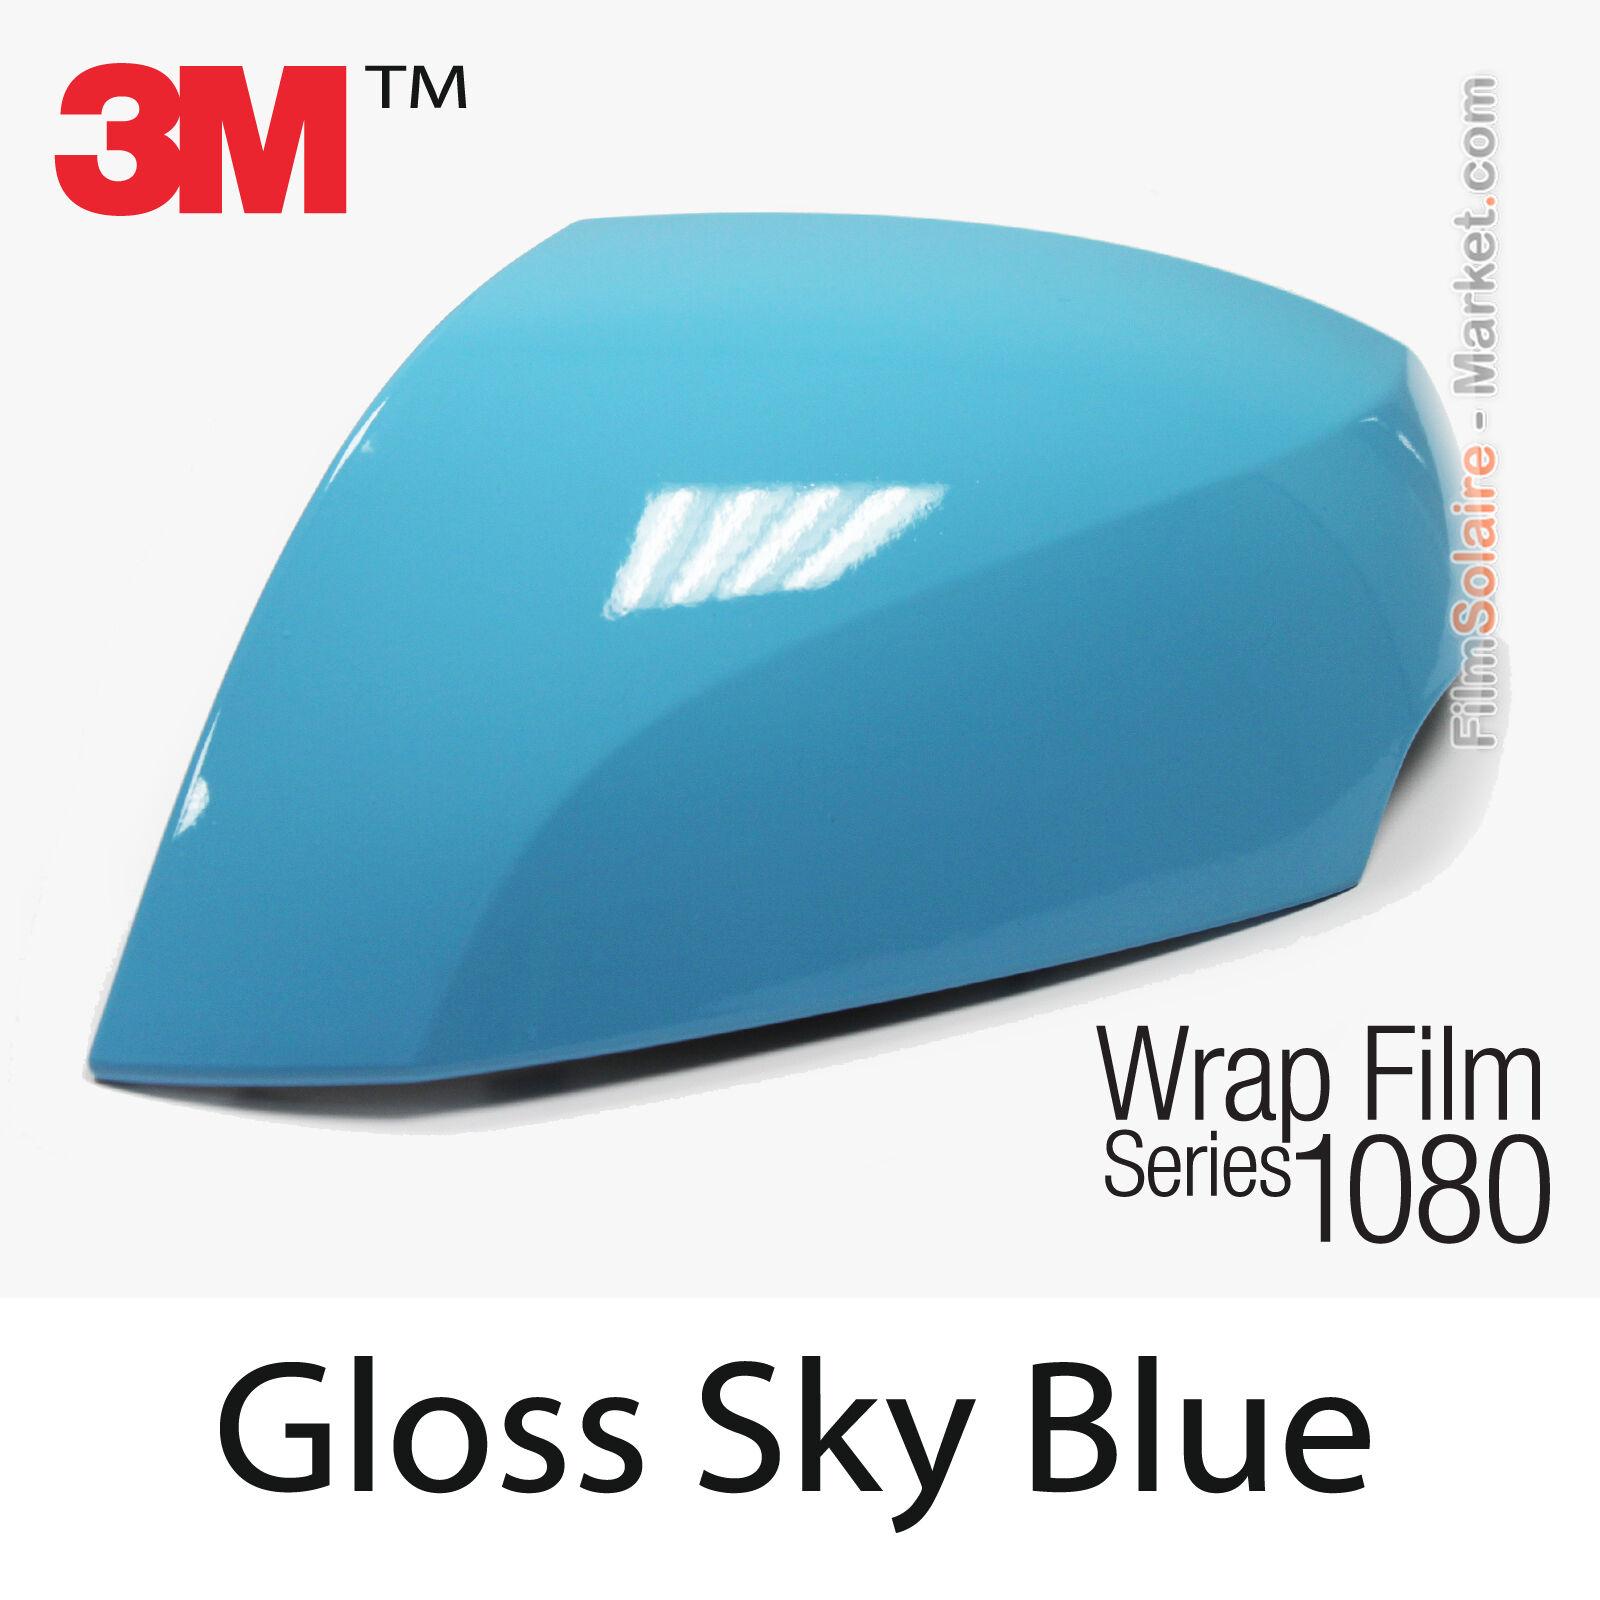 Car Wrap Vinyl Film 3M 1080 G77 GLOSS SKY BLUE 5ft x 1ft 5 Sq//ft